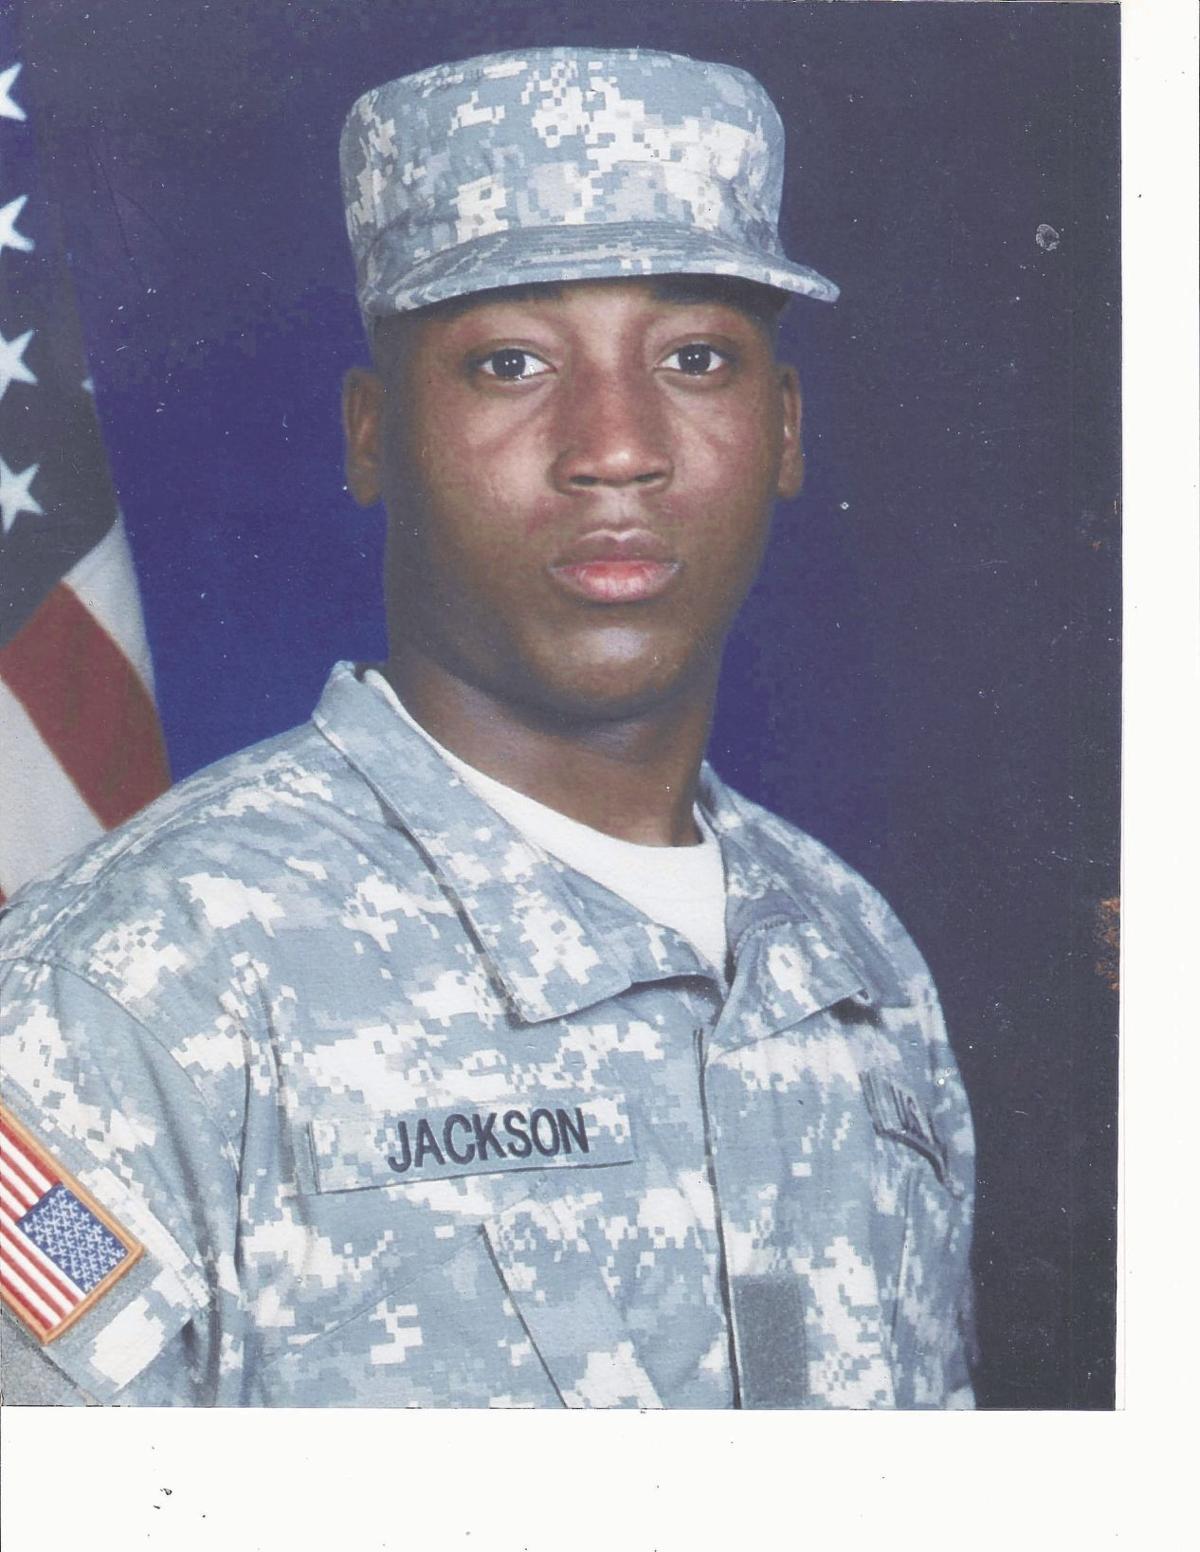 Jackson, Gerald - Army 1995-1999